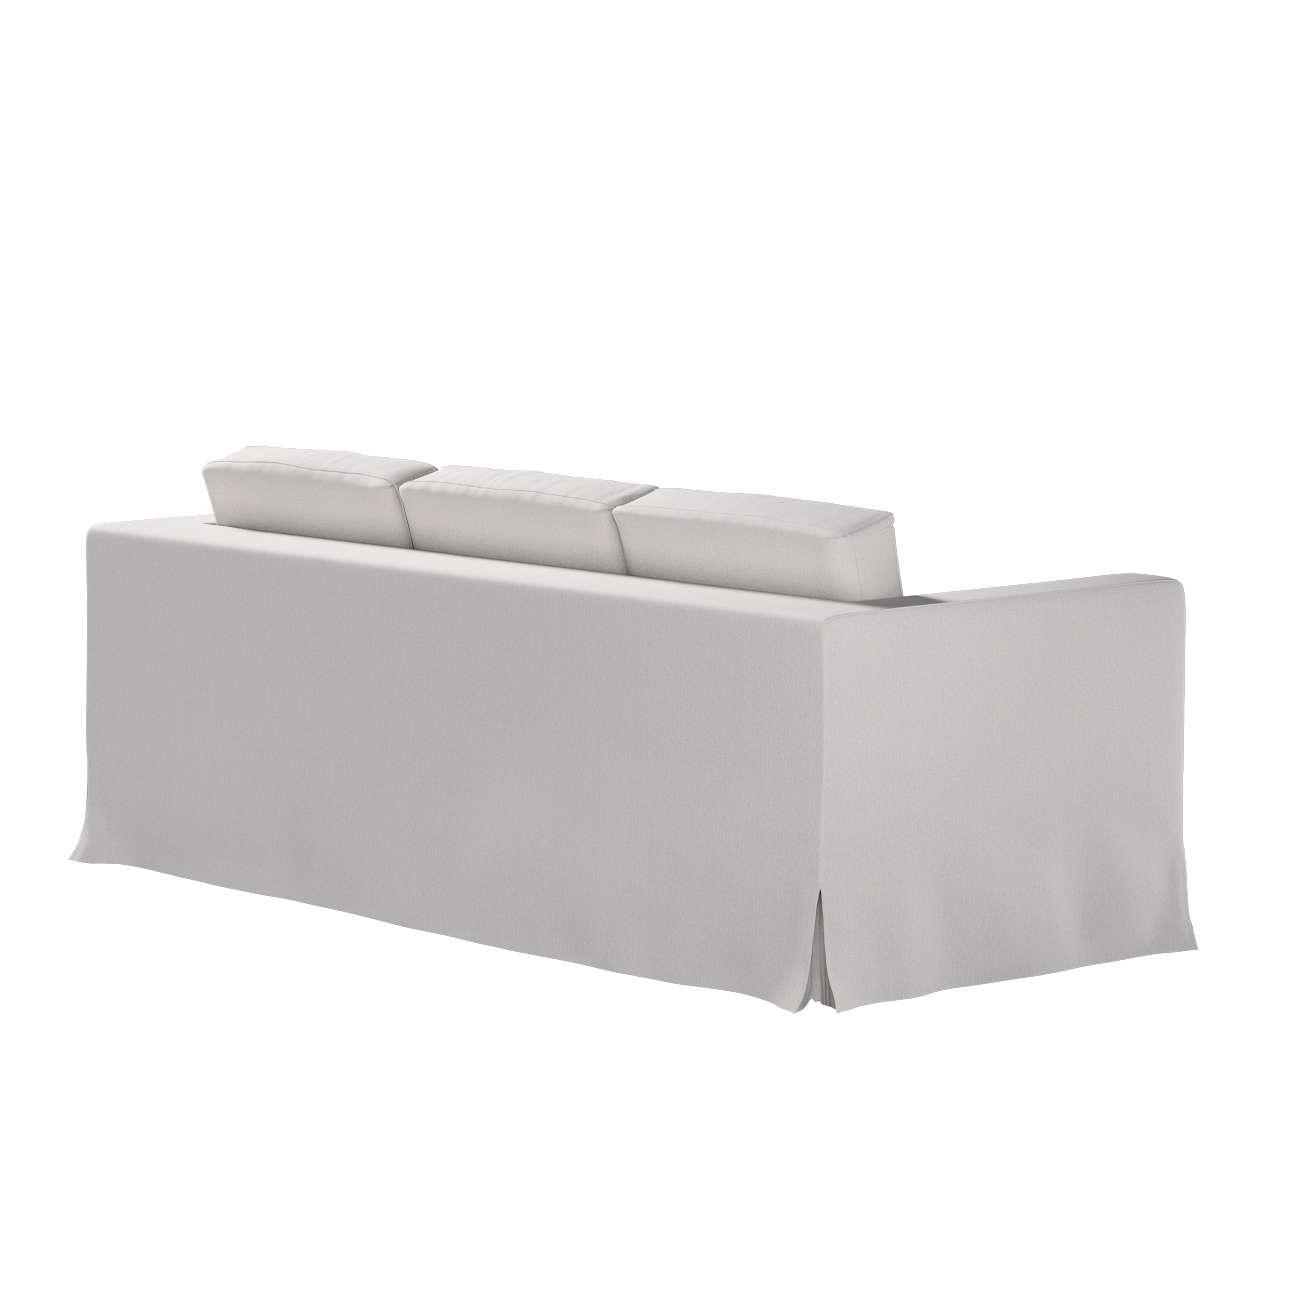 Bezug für Karlanda 3-Sitzer Sofa nicht ausklappbar, lang von der Kollektion Chenille , Stoff: 702-23